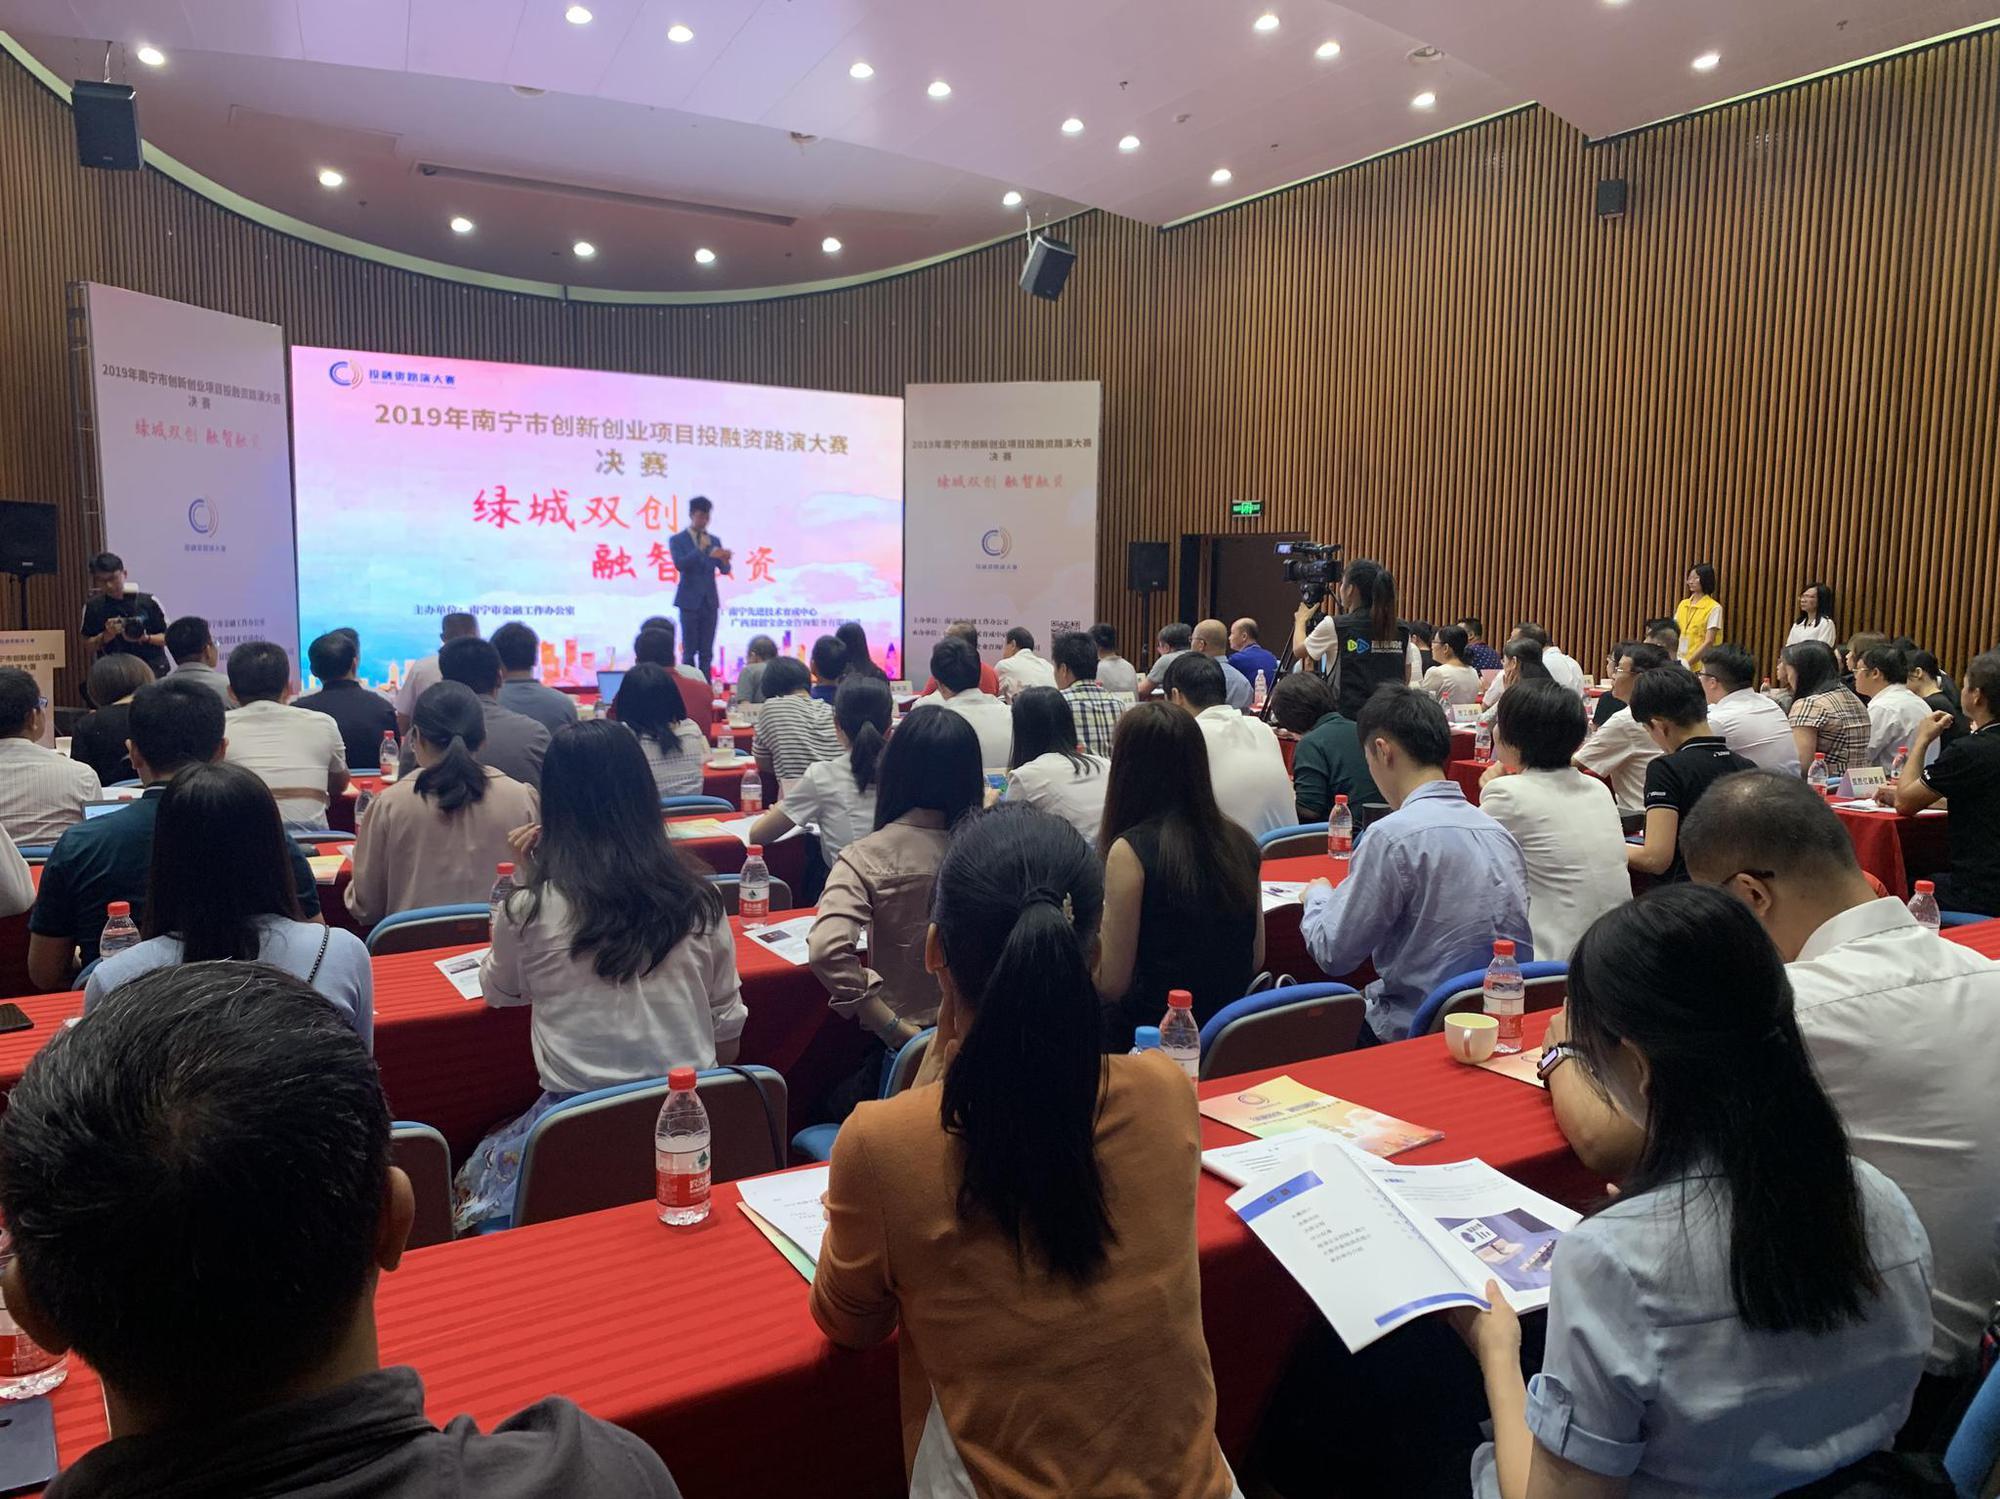 2019年南宁市创新创业项目投融资路演大赛决赛顺利落下帷幕